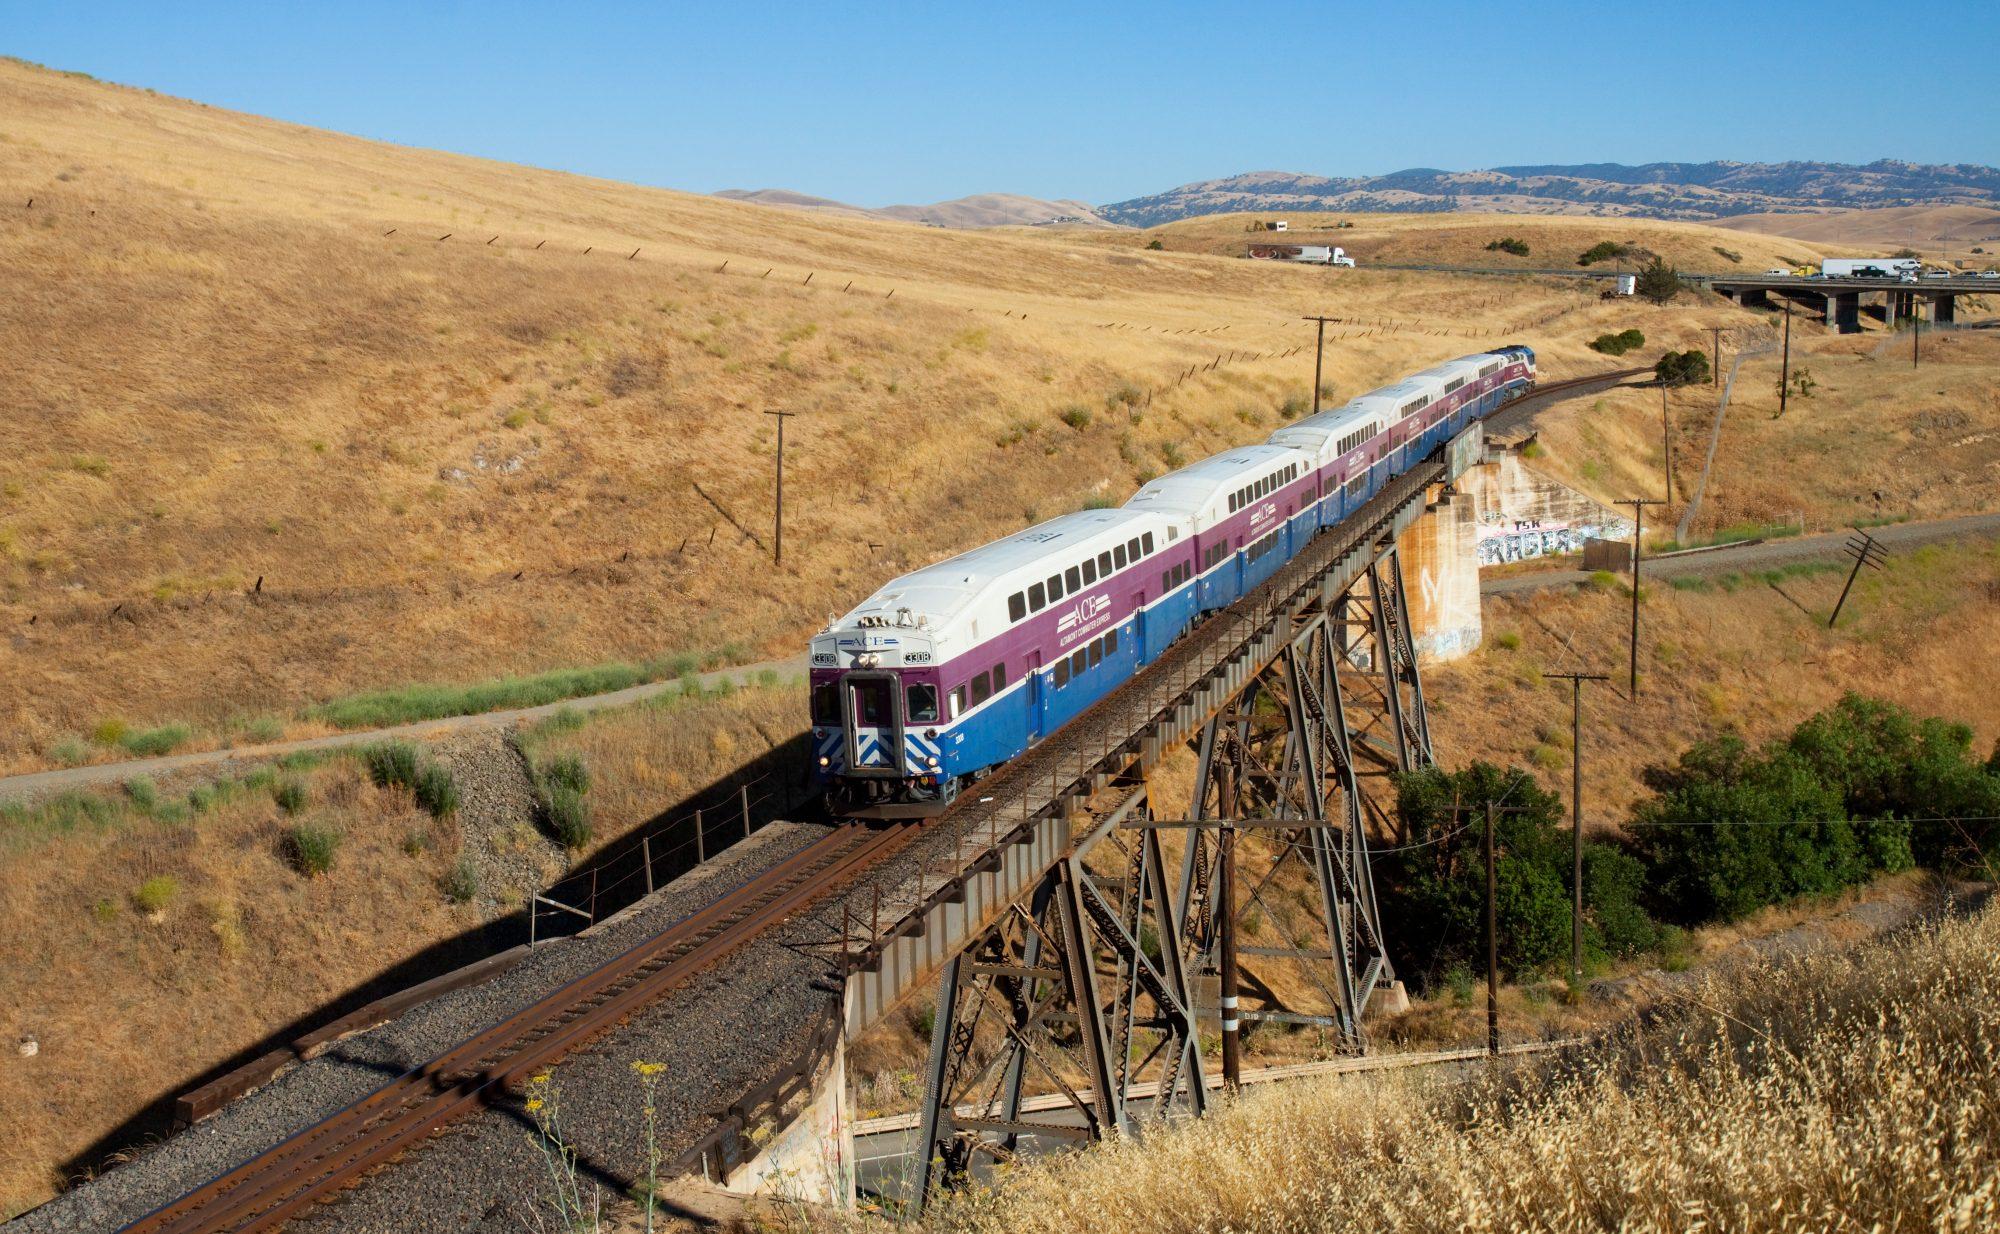 The Altamont Corridor Express. Photo: Kabelleger / David Gubler.